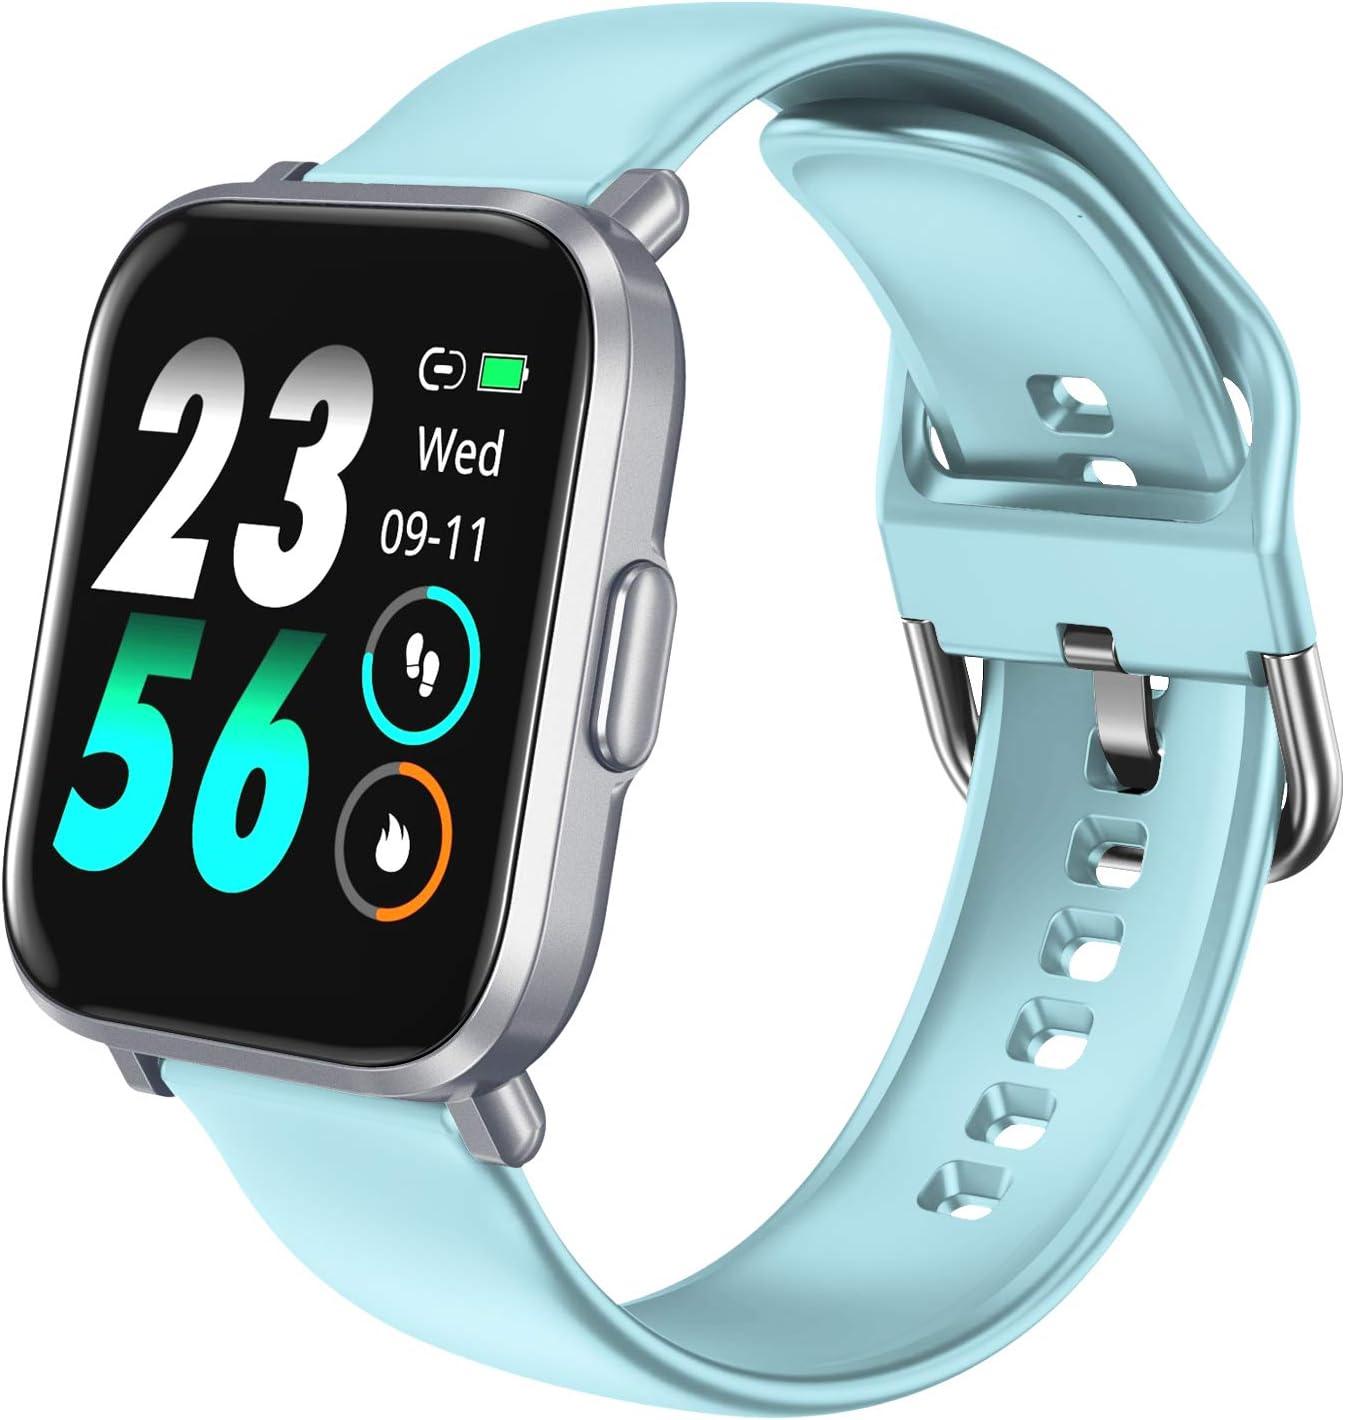 Smartwatch impermeable HolyHigh (4 colores) por 27,99€ con el #código: 4VLBP5ME